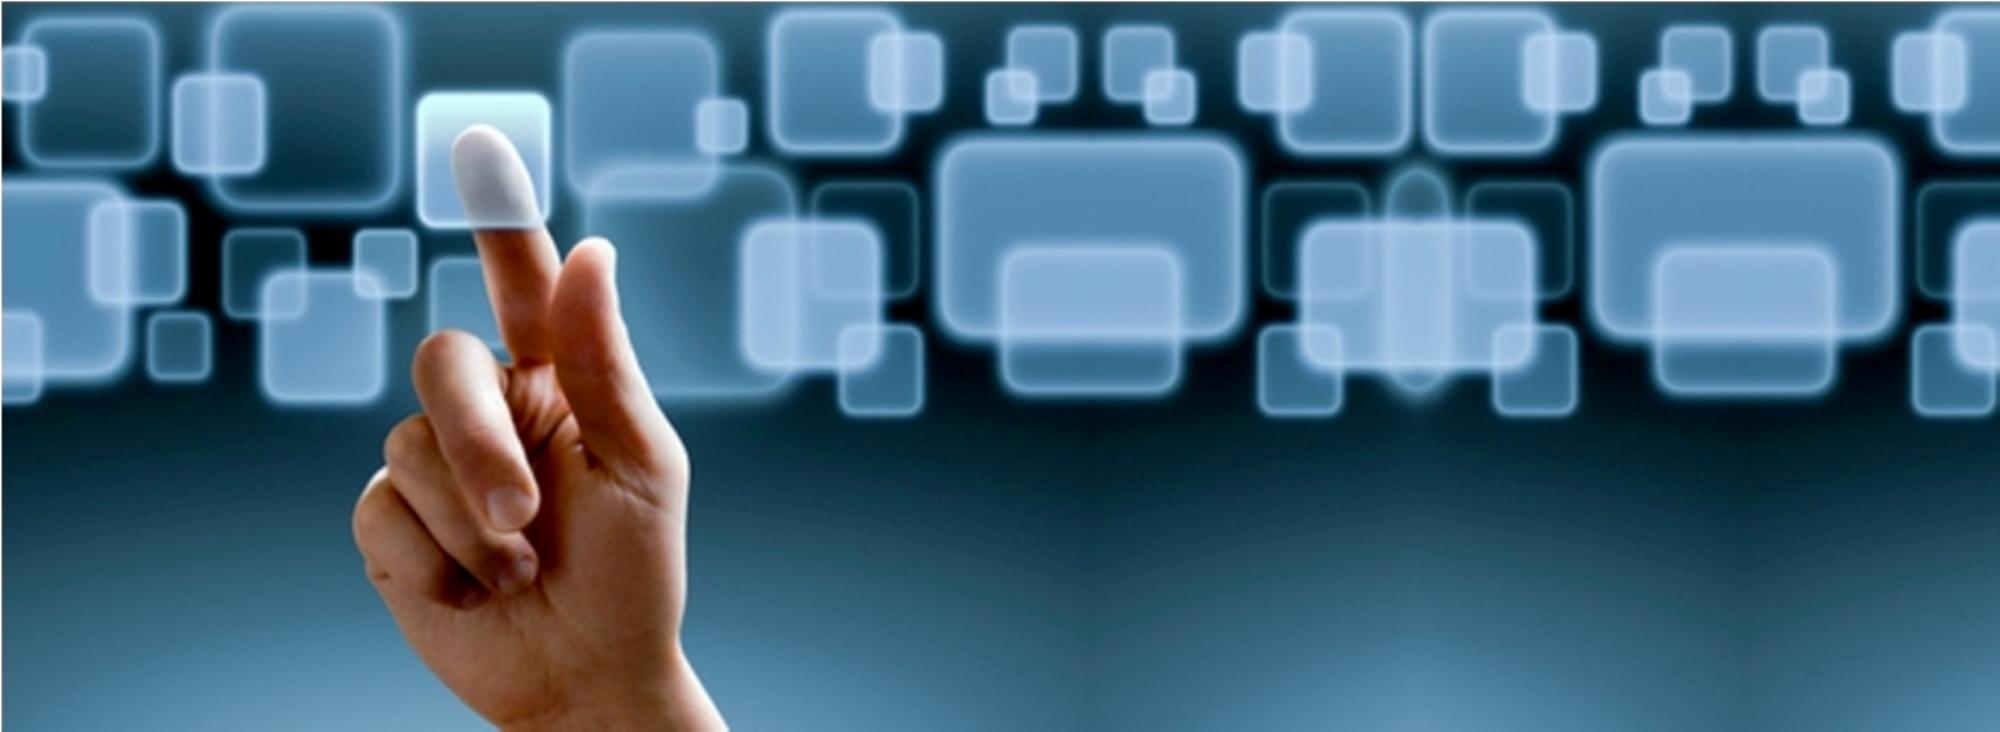 Bên nhận chuyển giao công nghệ có quyền và nghĩa vụ gì?